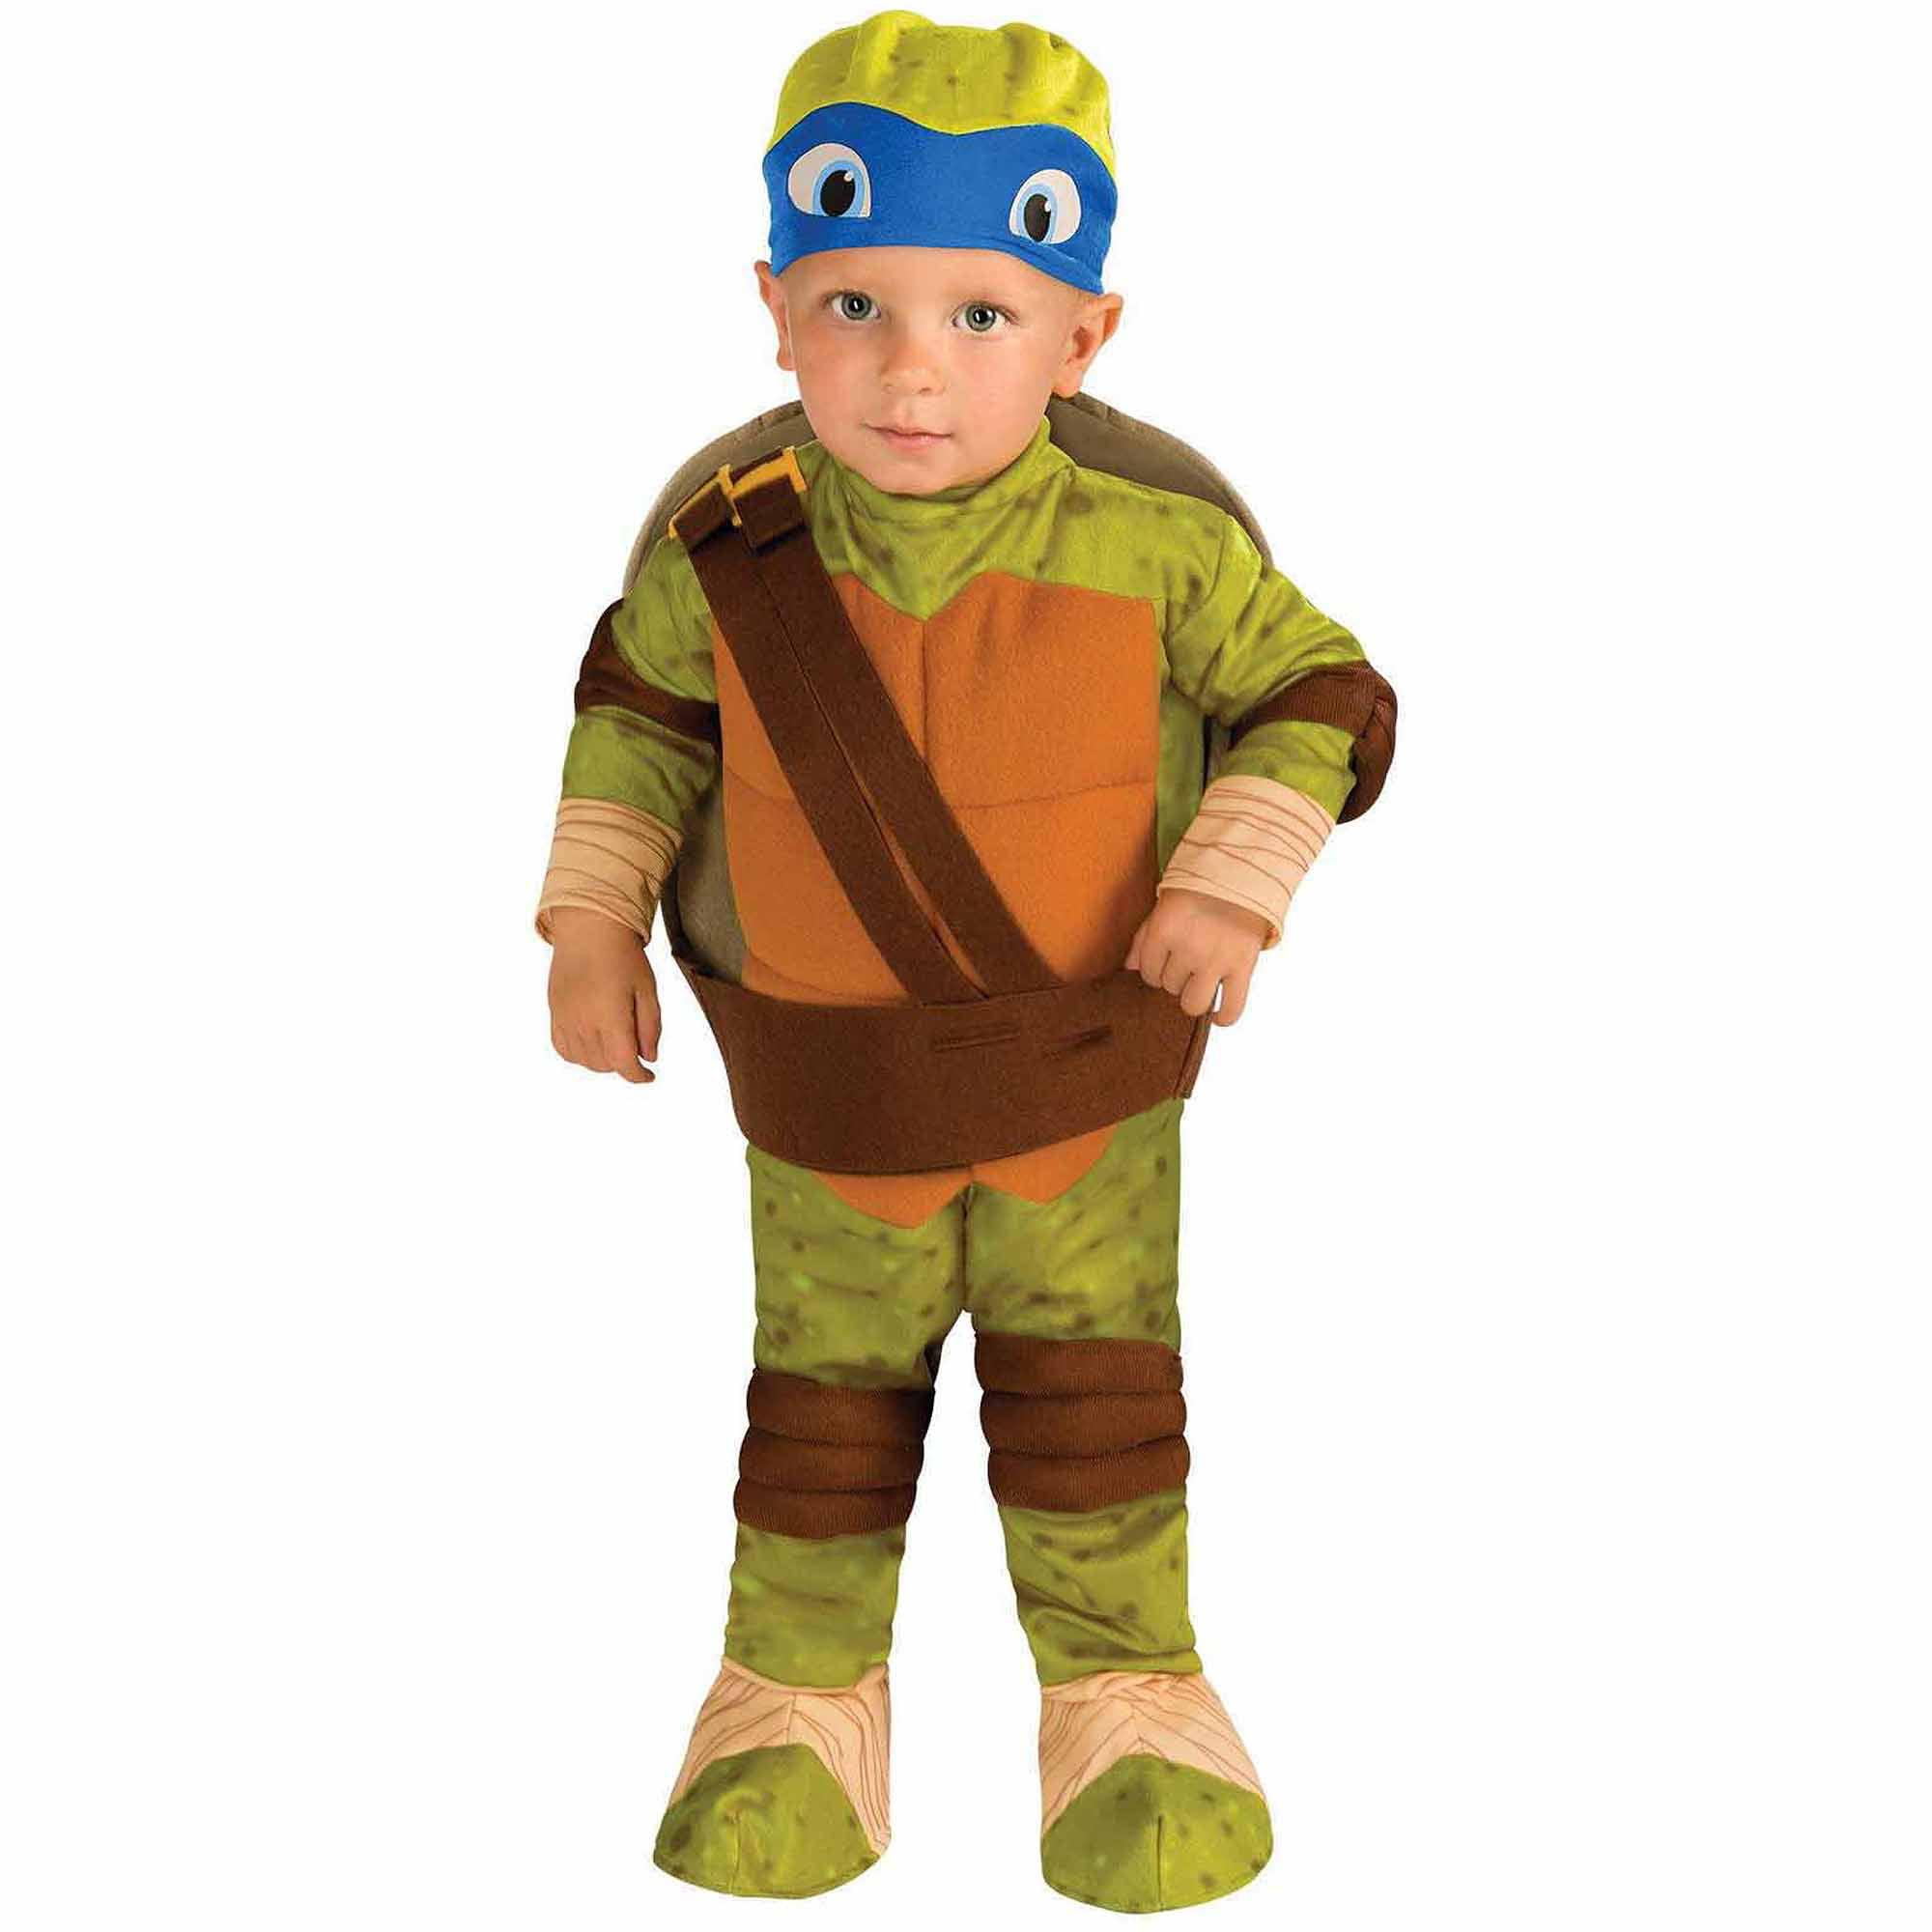 Teenage Mutant Ninja Turtle Leonardo Toddler Halloween Costume, Size 3T-4T